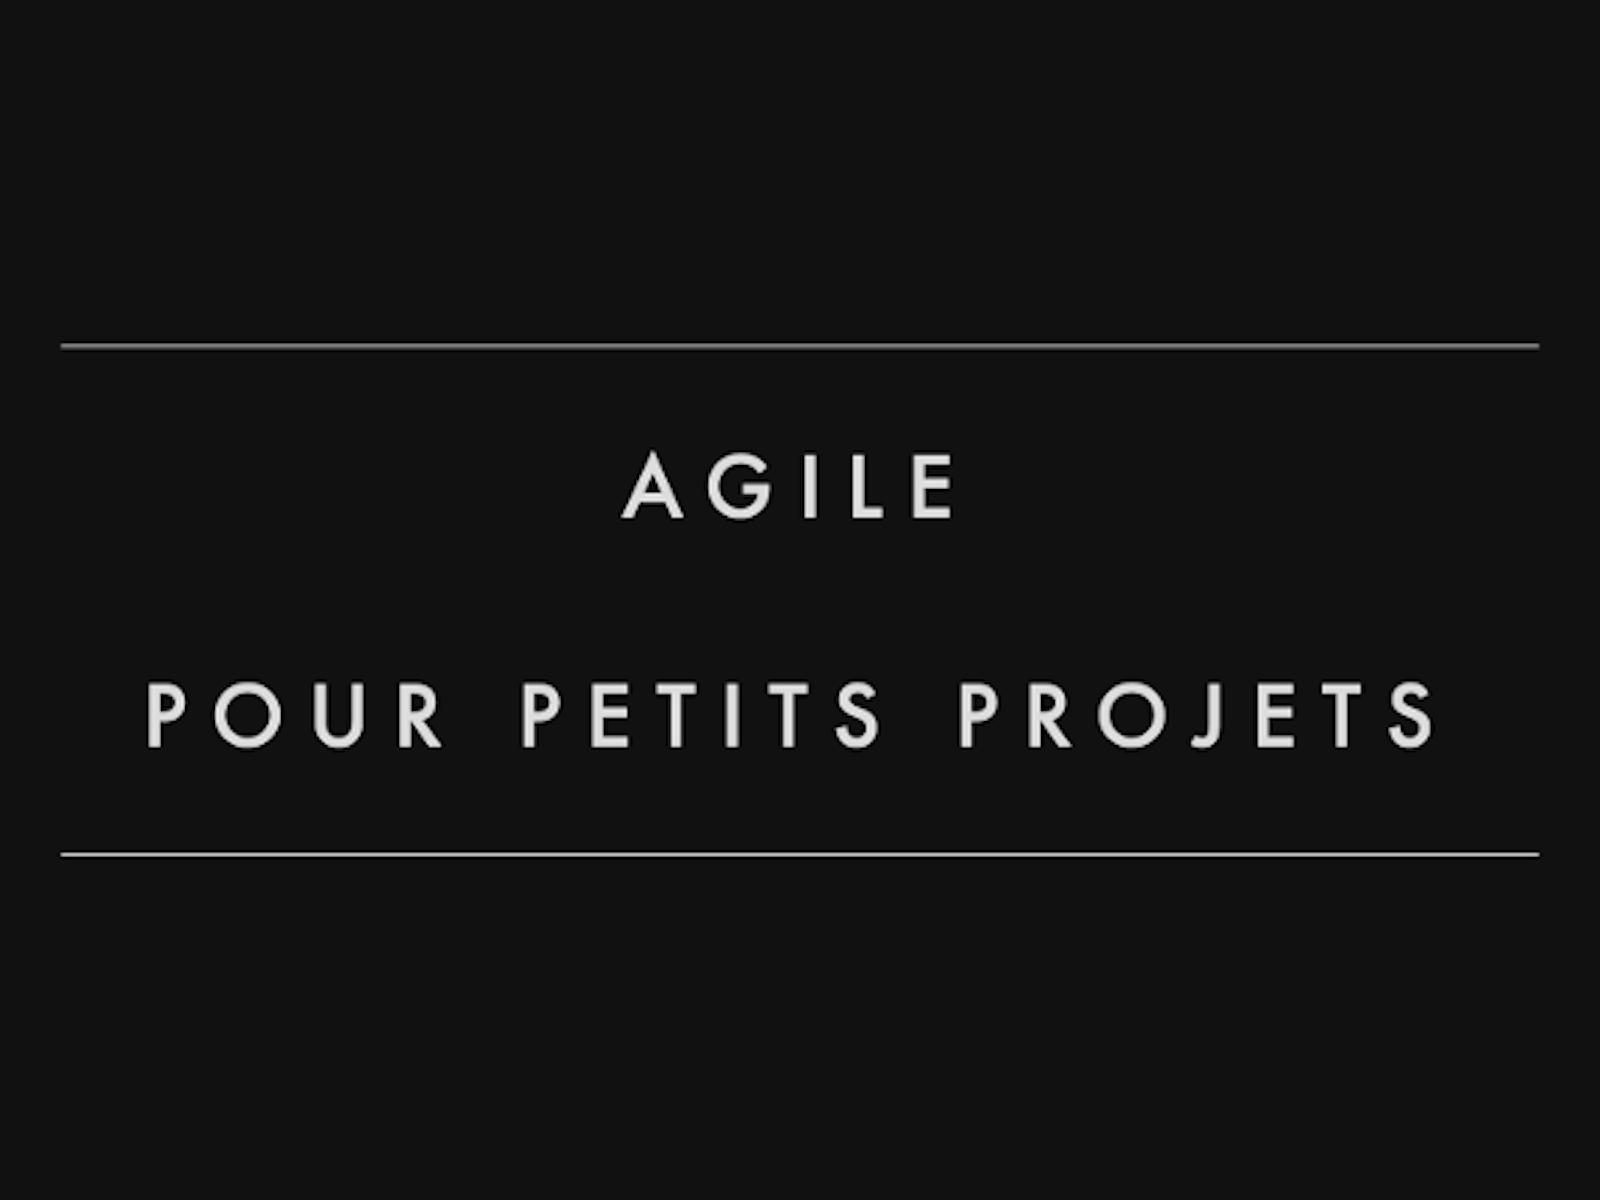 Agile pour petits projets